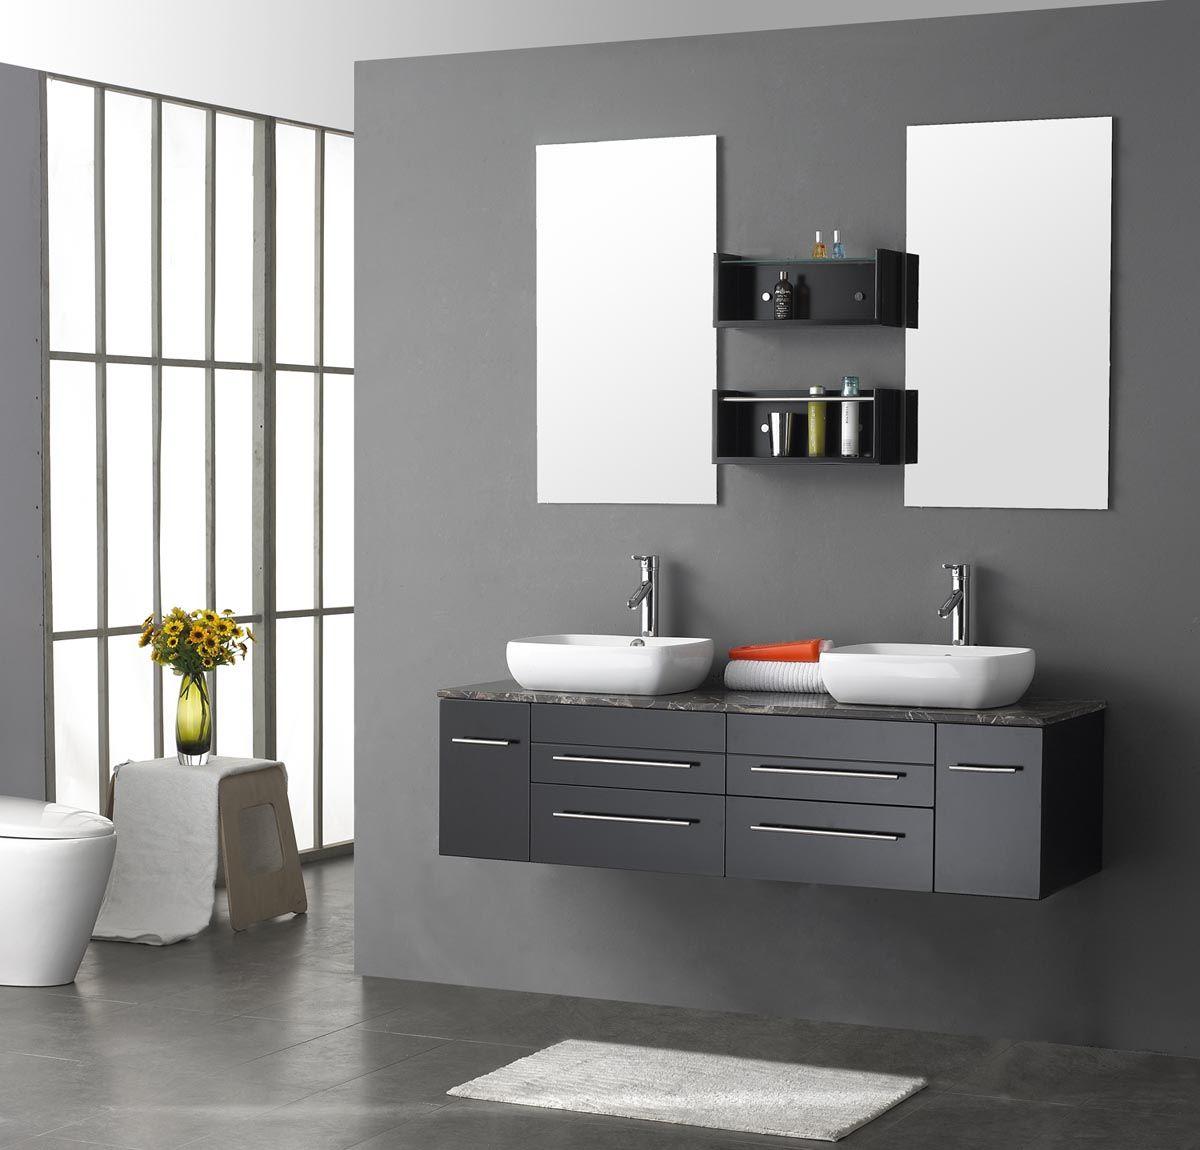 Free standing bathroom cabinets argos bathroom vanities grey